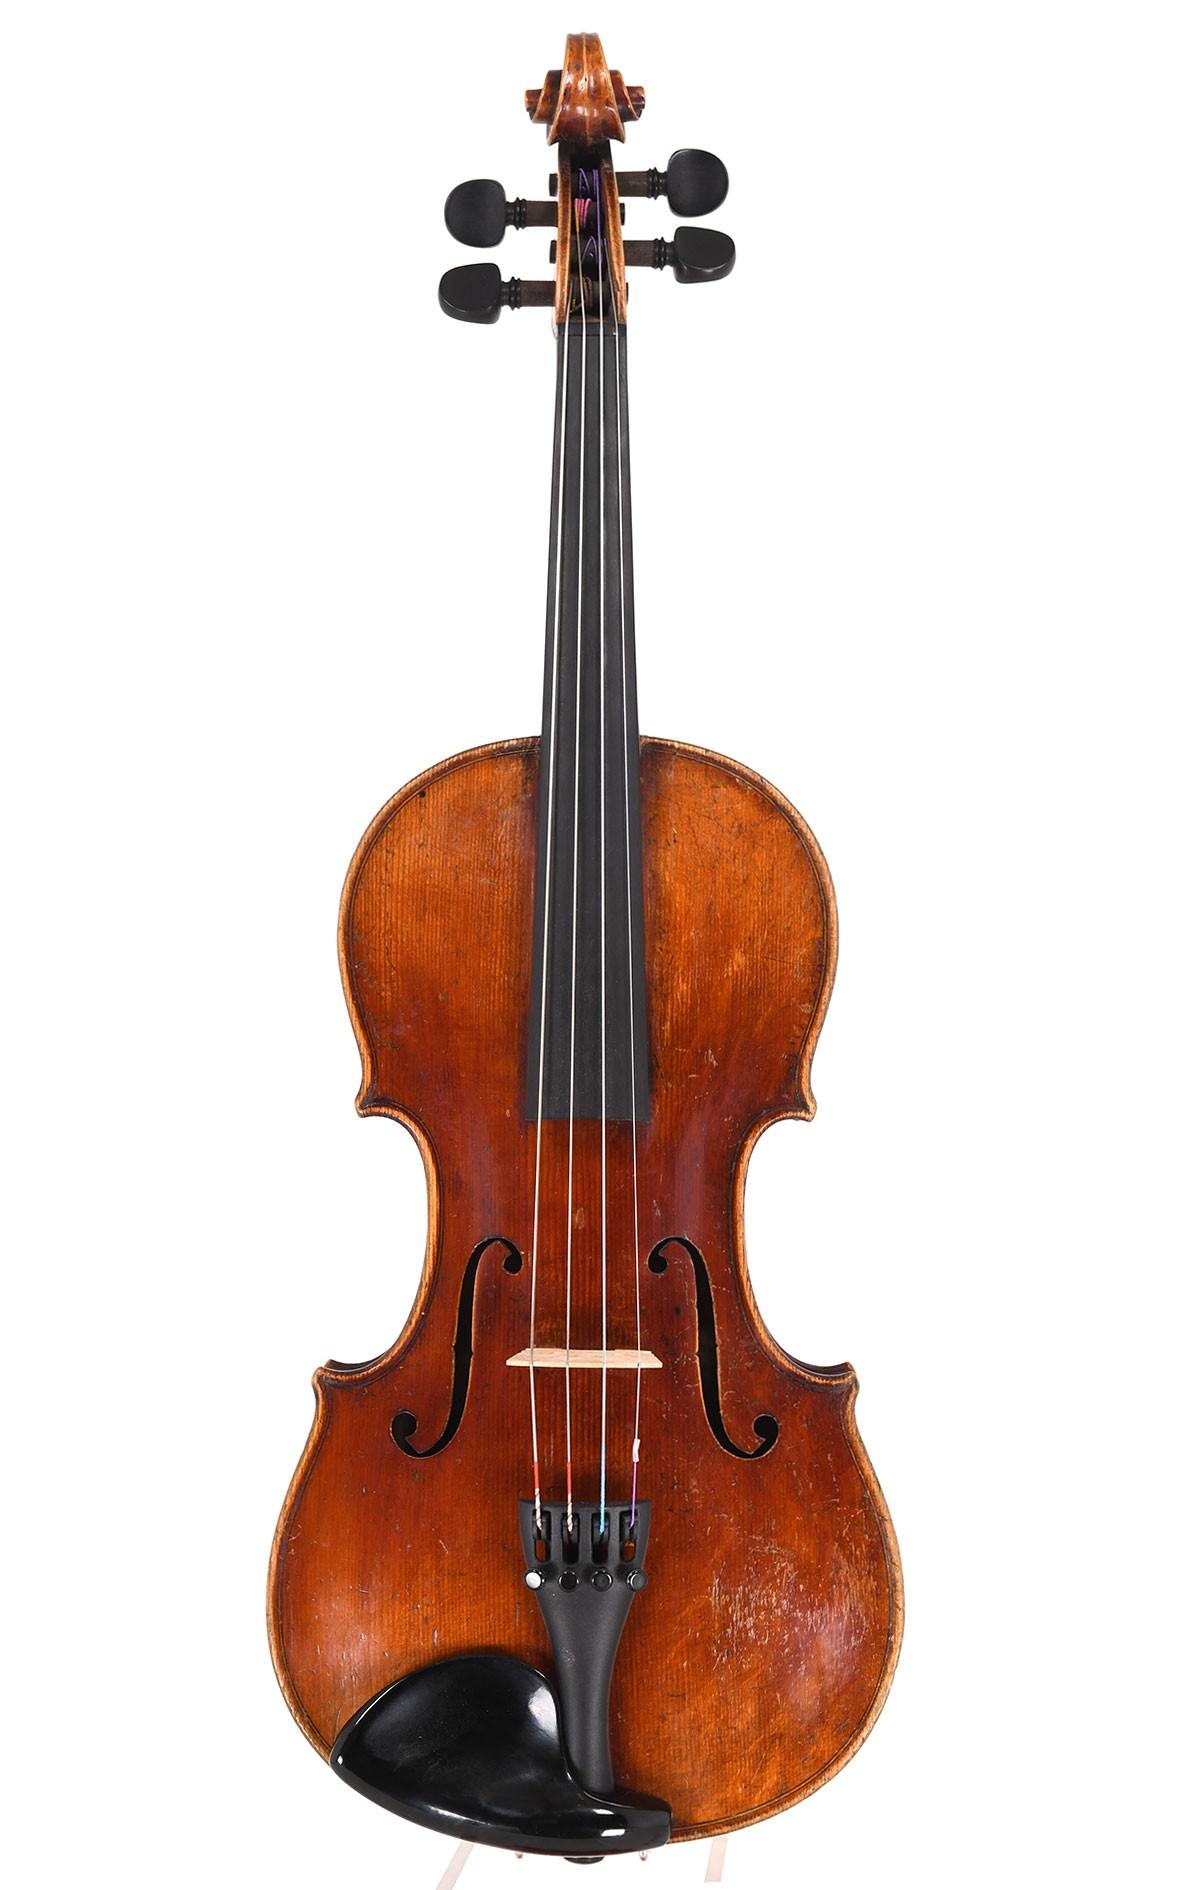 Neuner & Hornsteiner violon 3/4